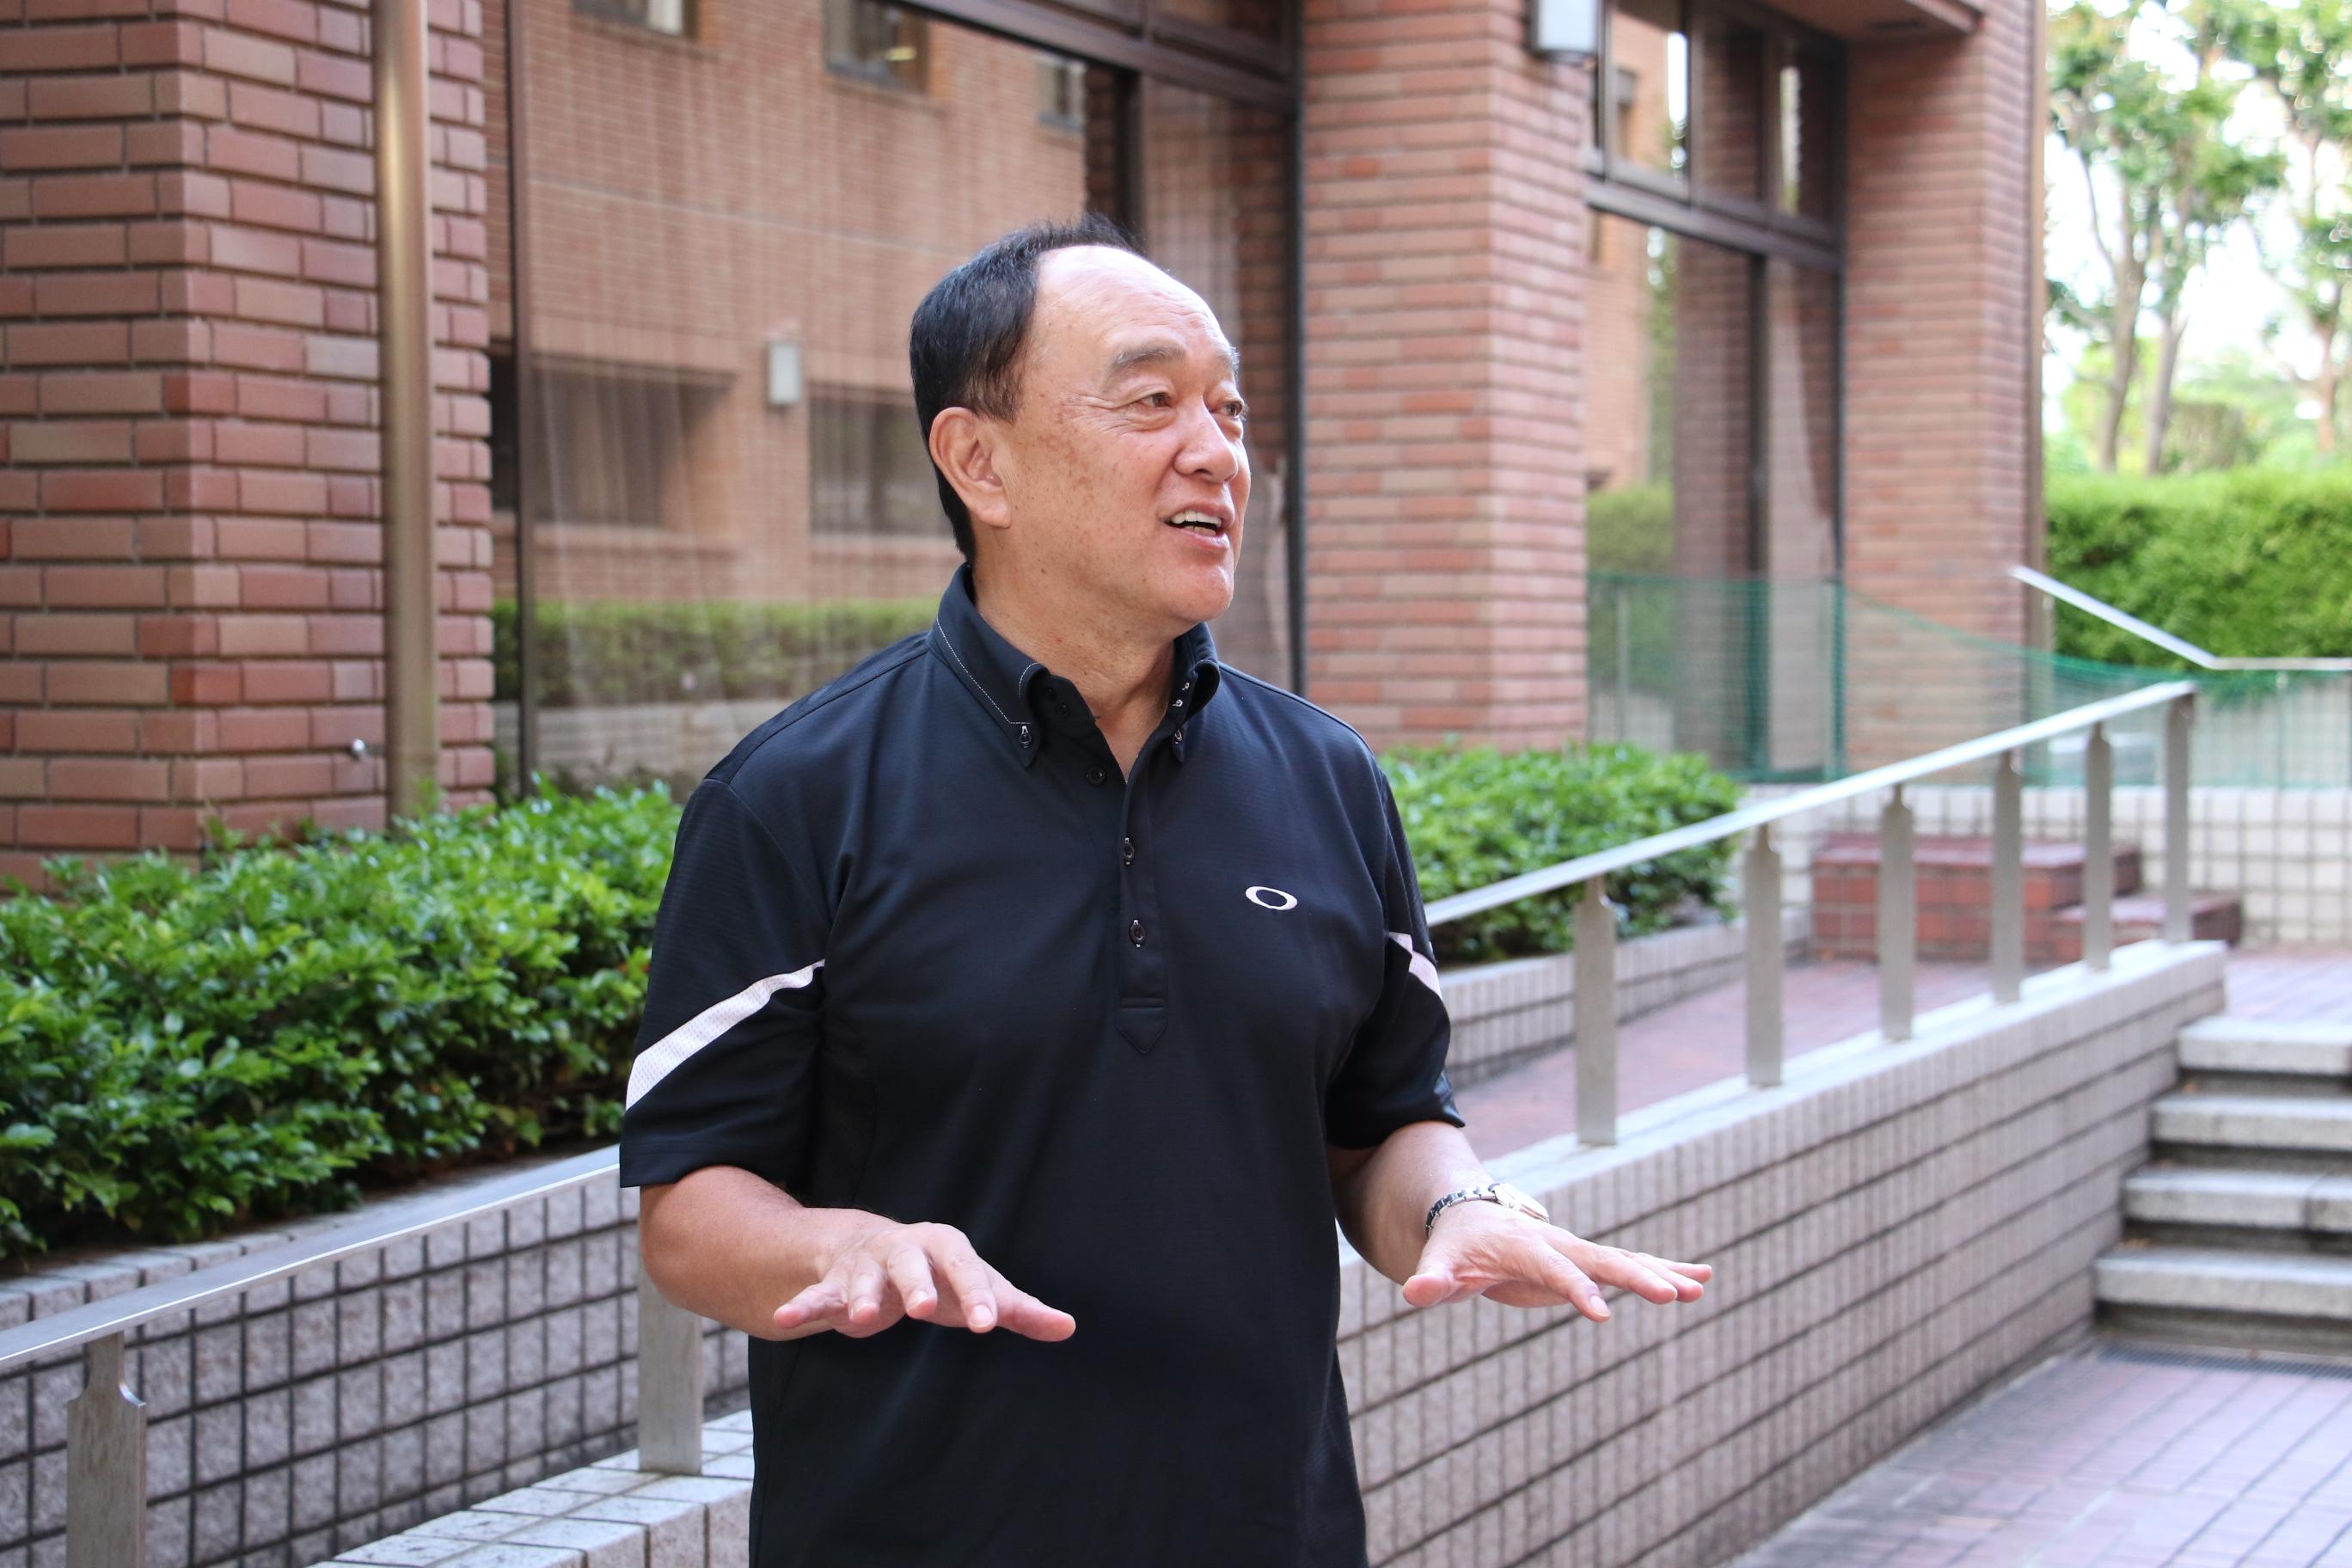 、国際コーチ連盟プロフェッショナルコーチ資格を持つ清水隆一さんが話をしている所